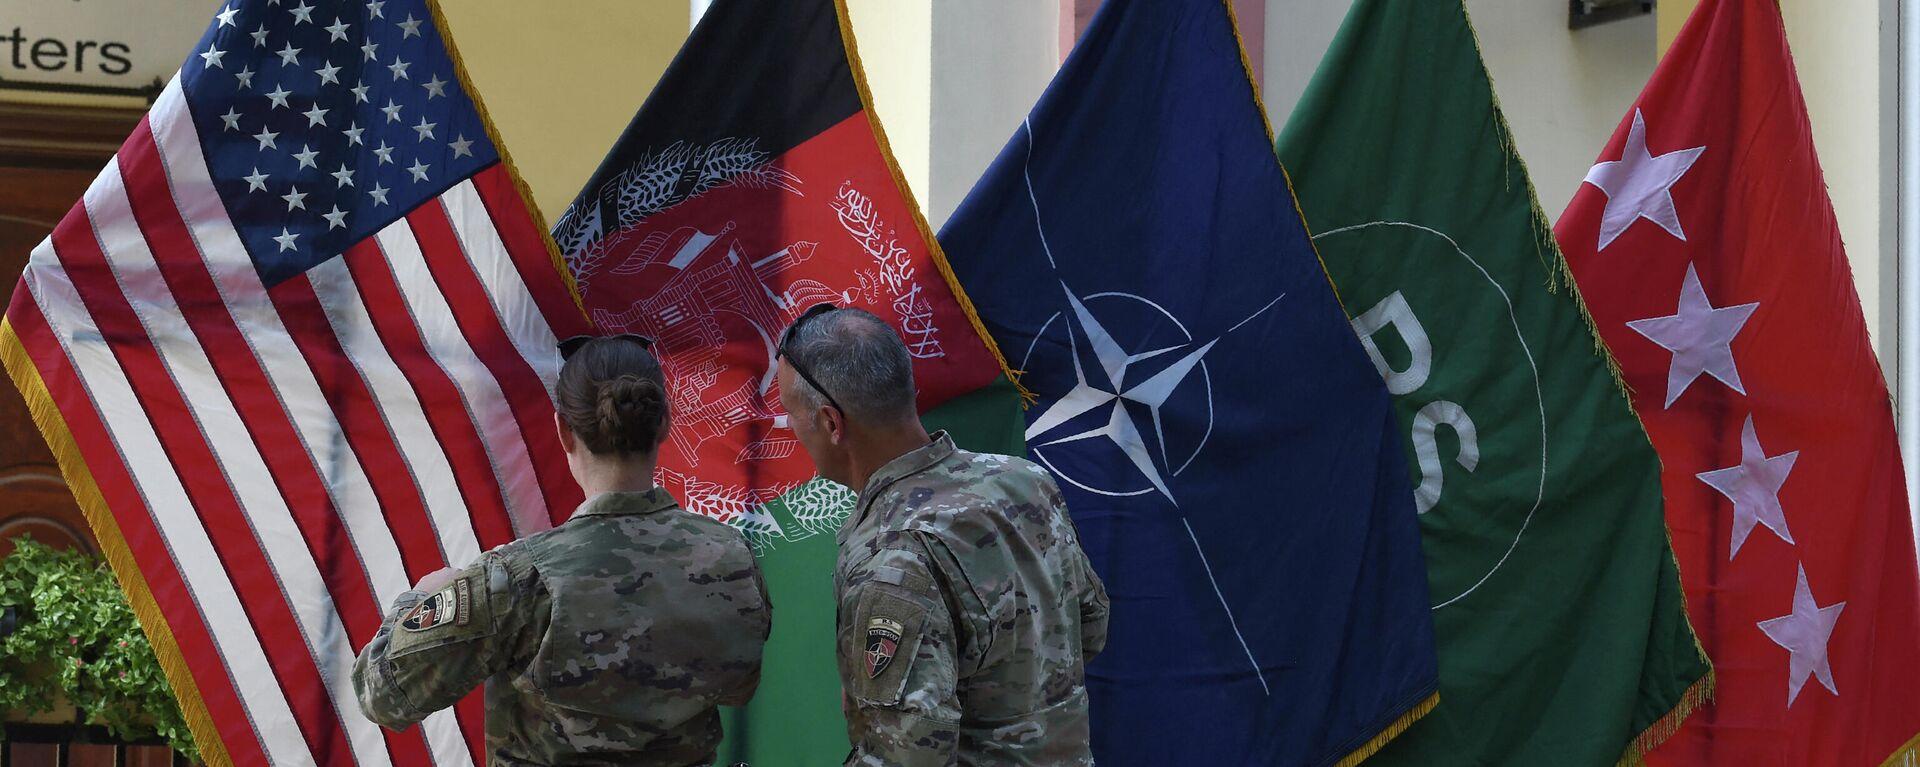 Штаб операции Решительная поддержка в Зеленой зоне в Кабуле  - Sputnik Таджикистан, 1920, 25.08.2021